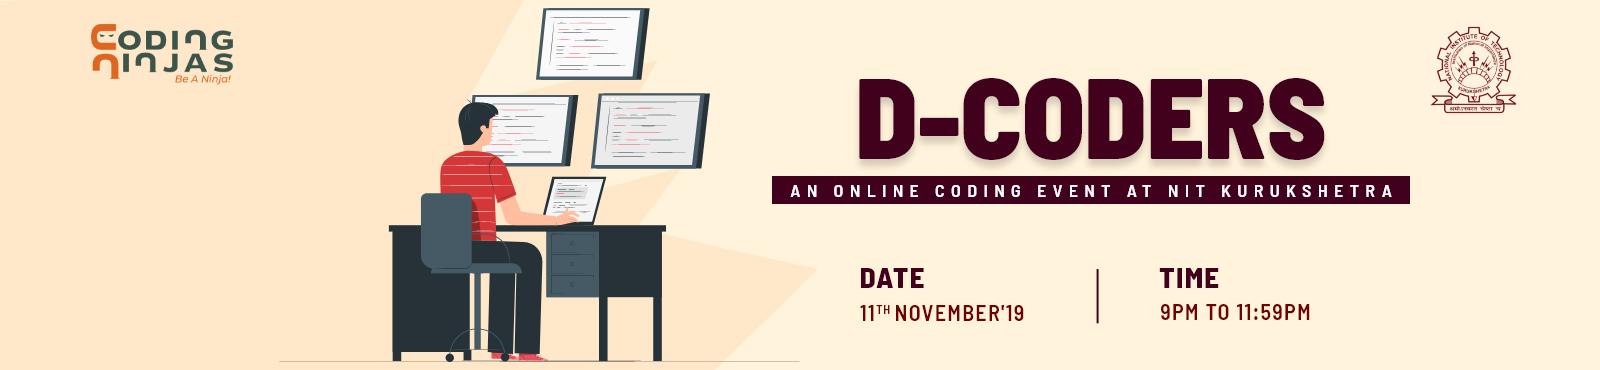 D-Coders